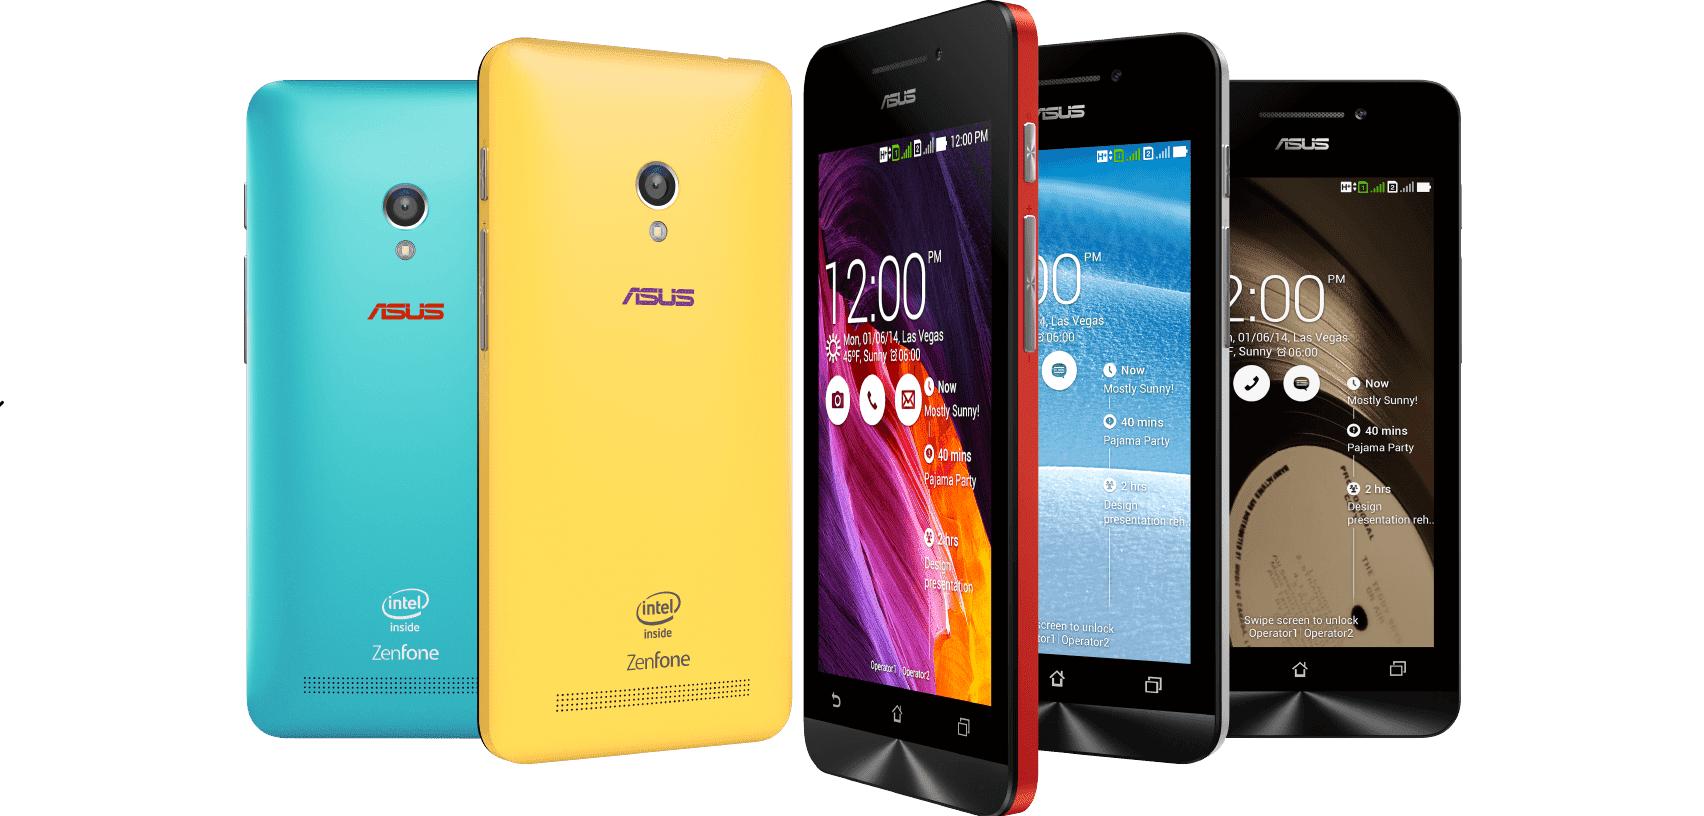 Asus Zenfone 4 Zenfone 5 And Zenfone 6 To Get Android 50